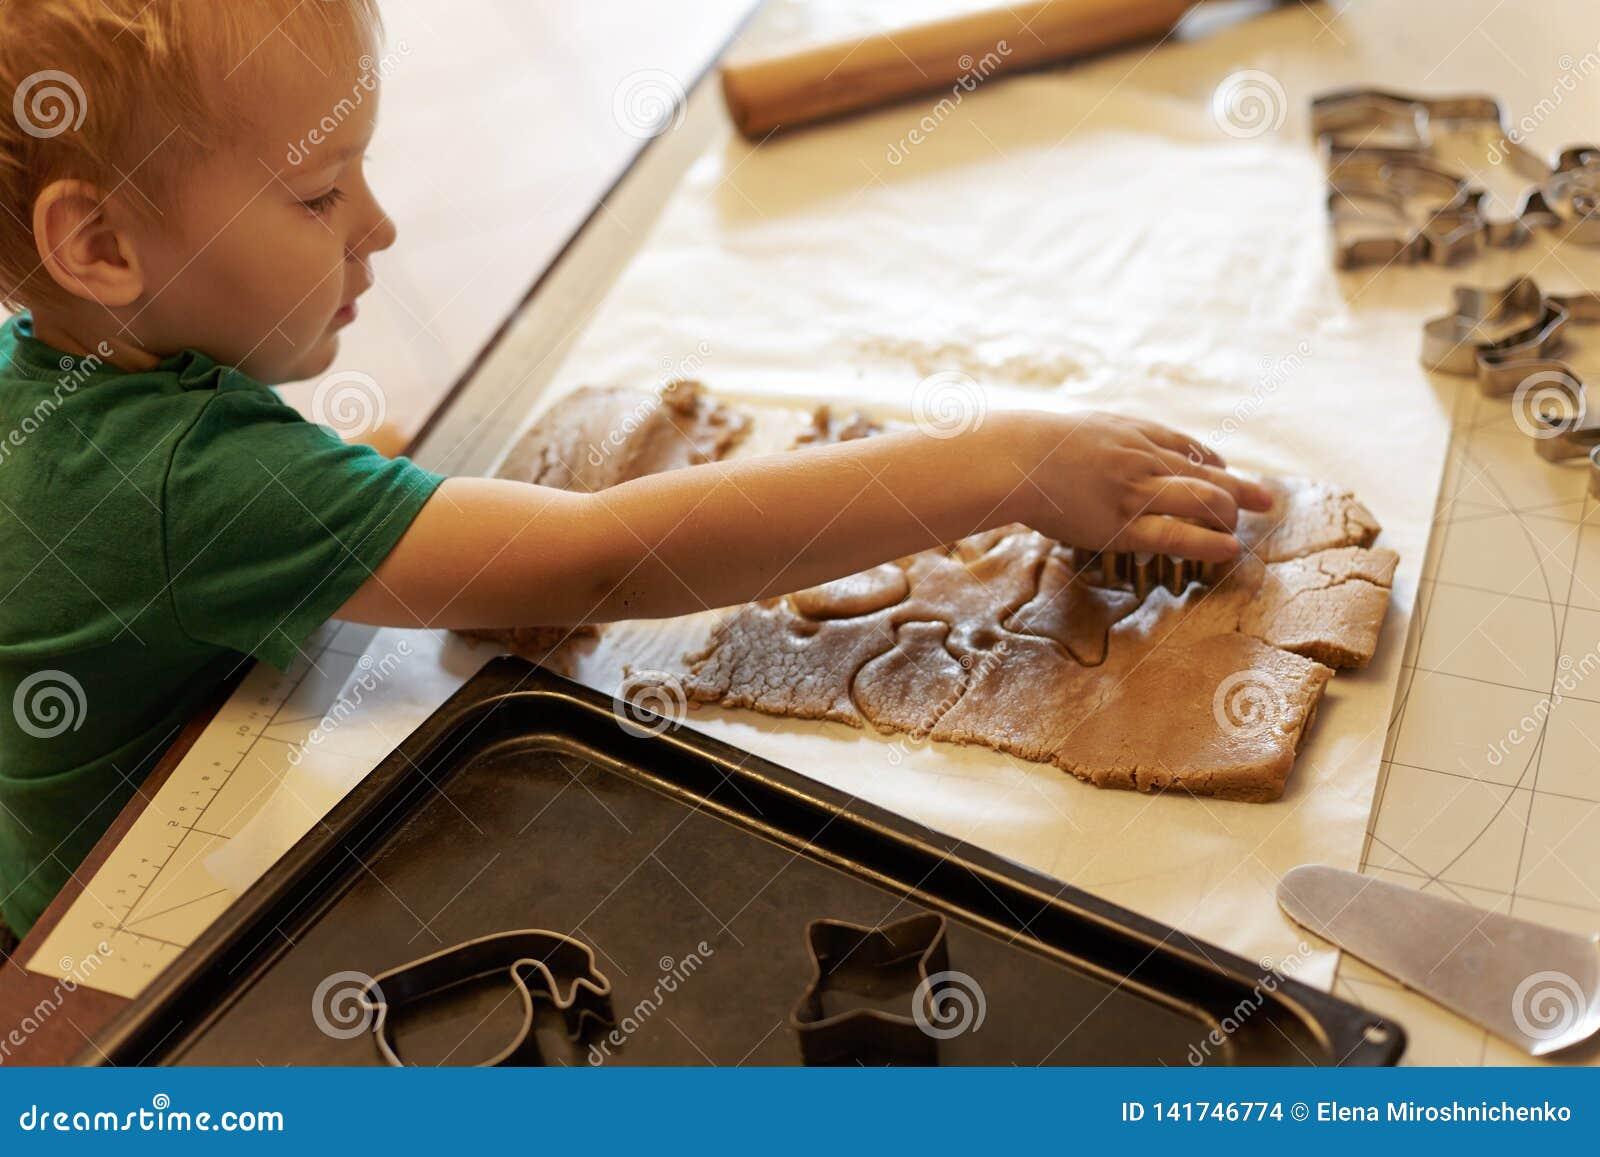 De leuke Kaukasische hulp van de babyjongen in keuken, die eigengemaakte coockies maken Toevallige levensstijl in huis binnenland